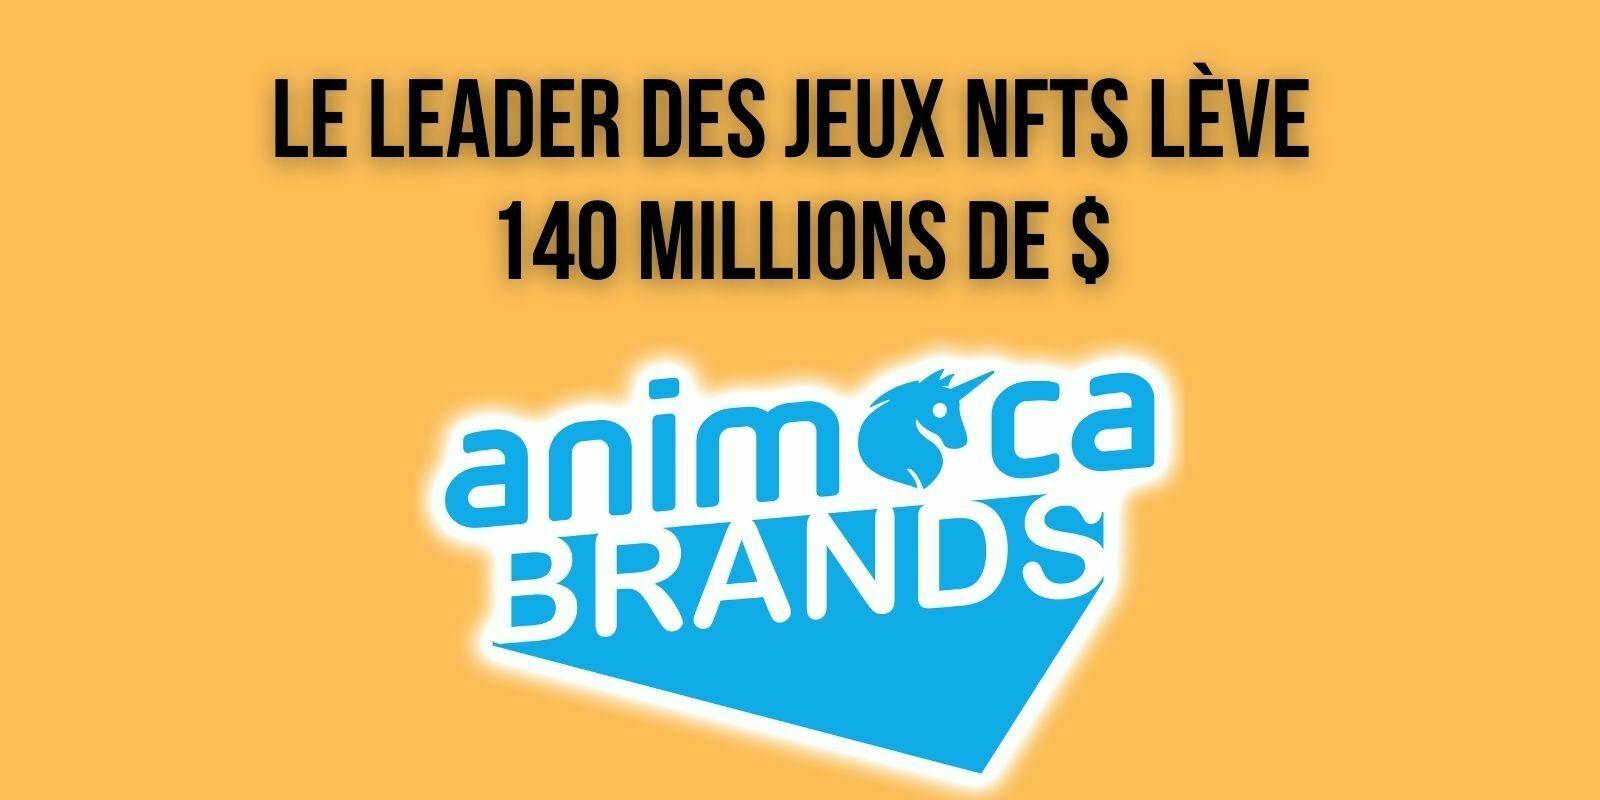 Le studio de jeux NFTs Animoca Brands clôture une levée de fonds de 140 millions de dollars